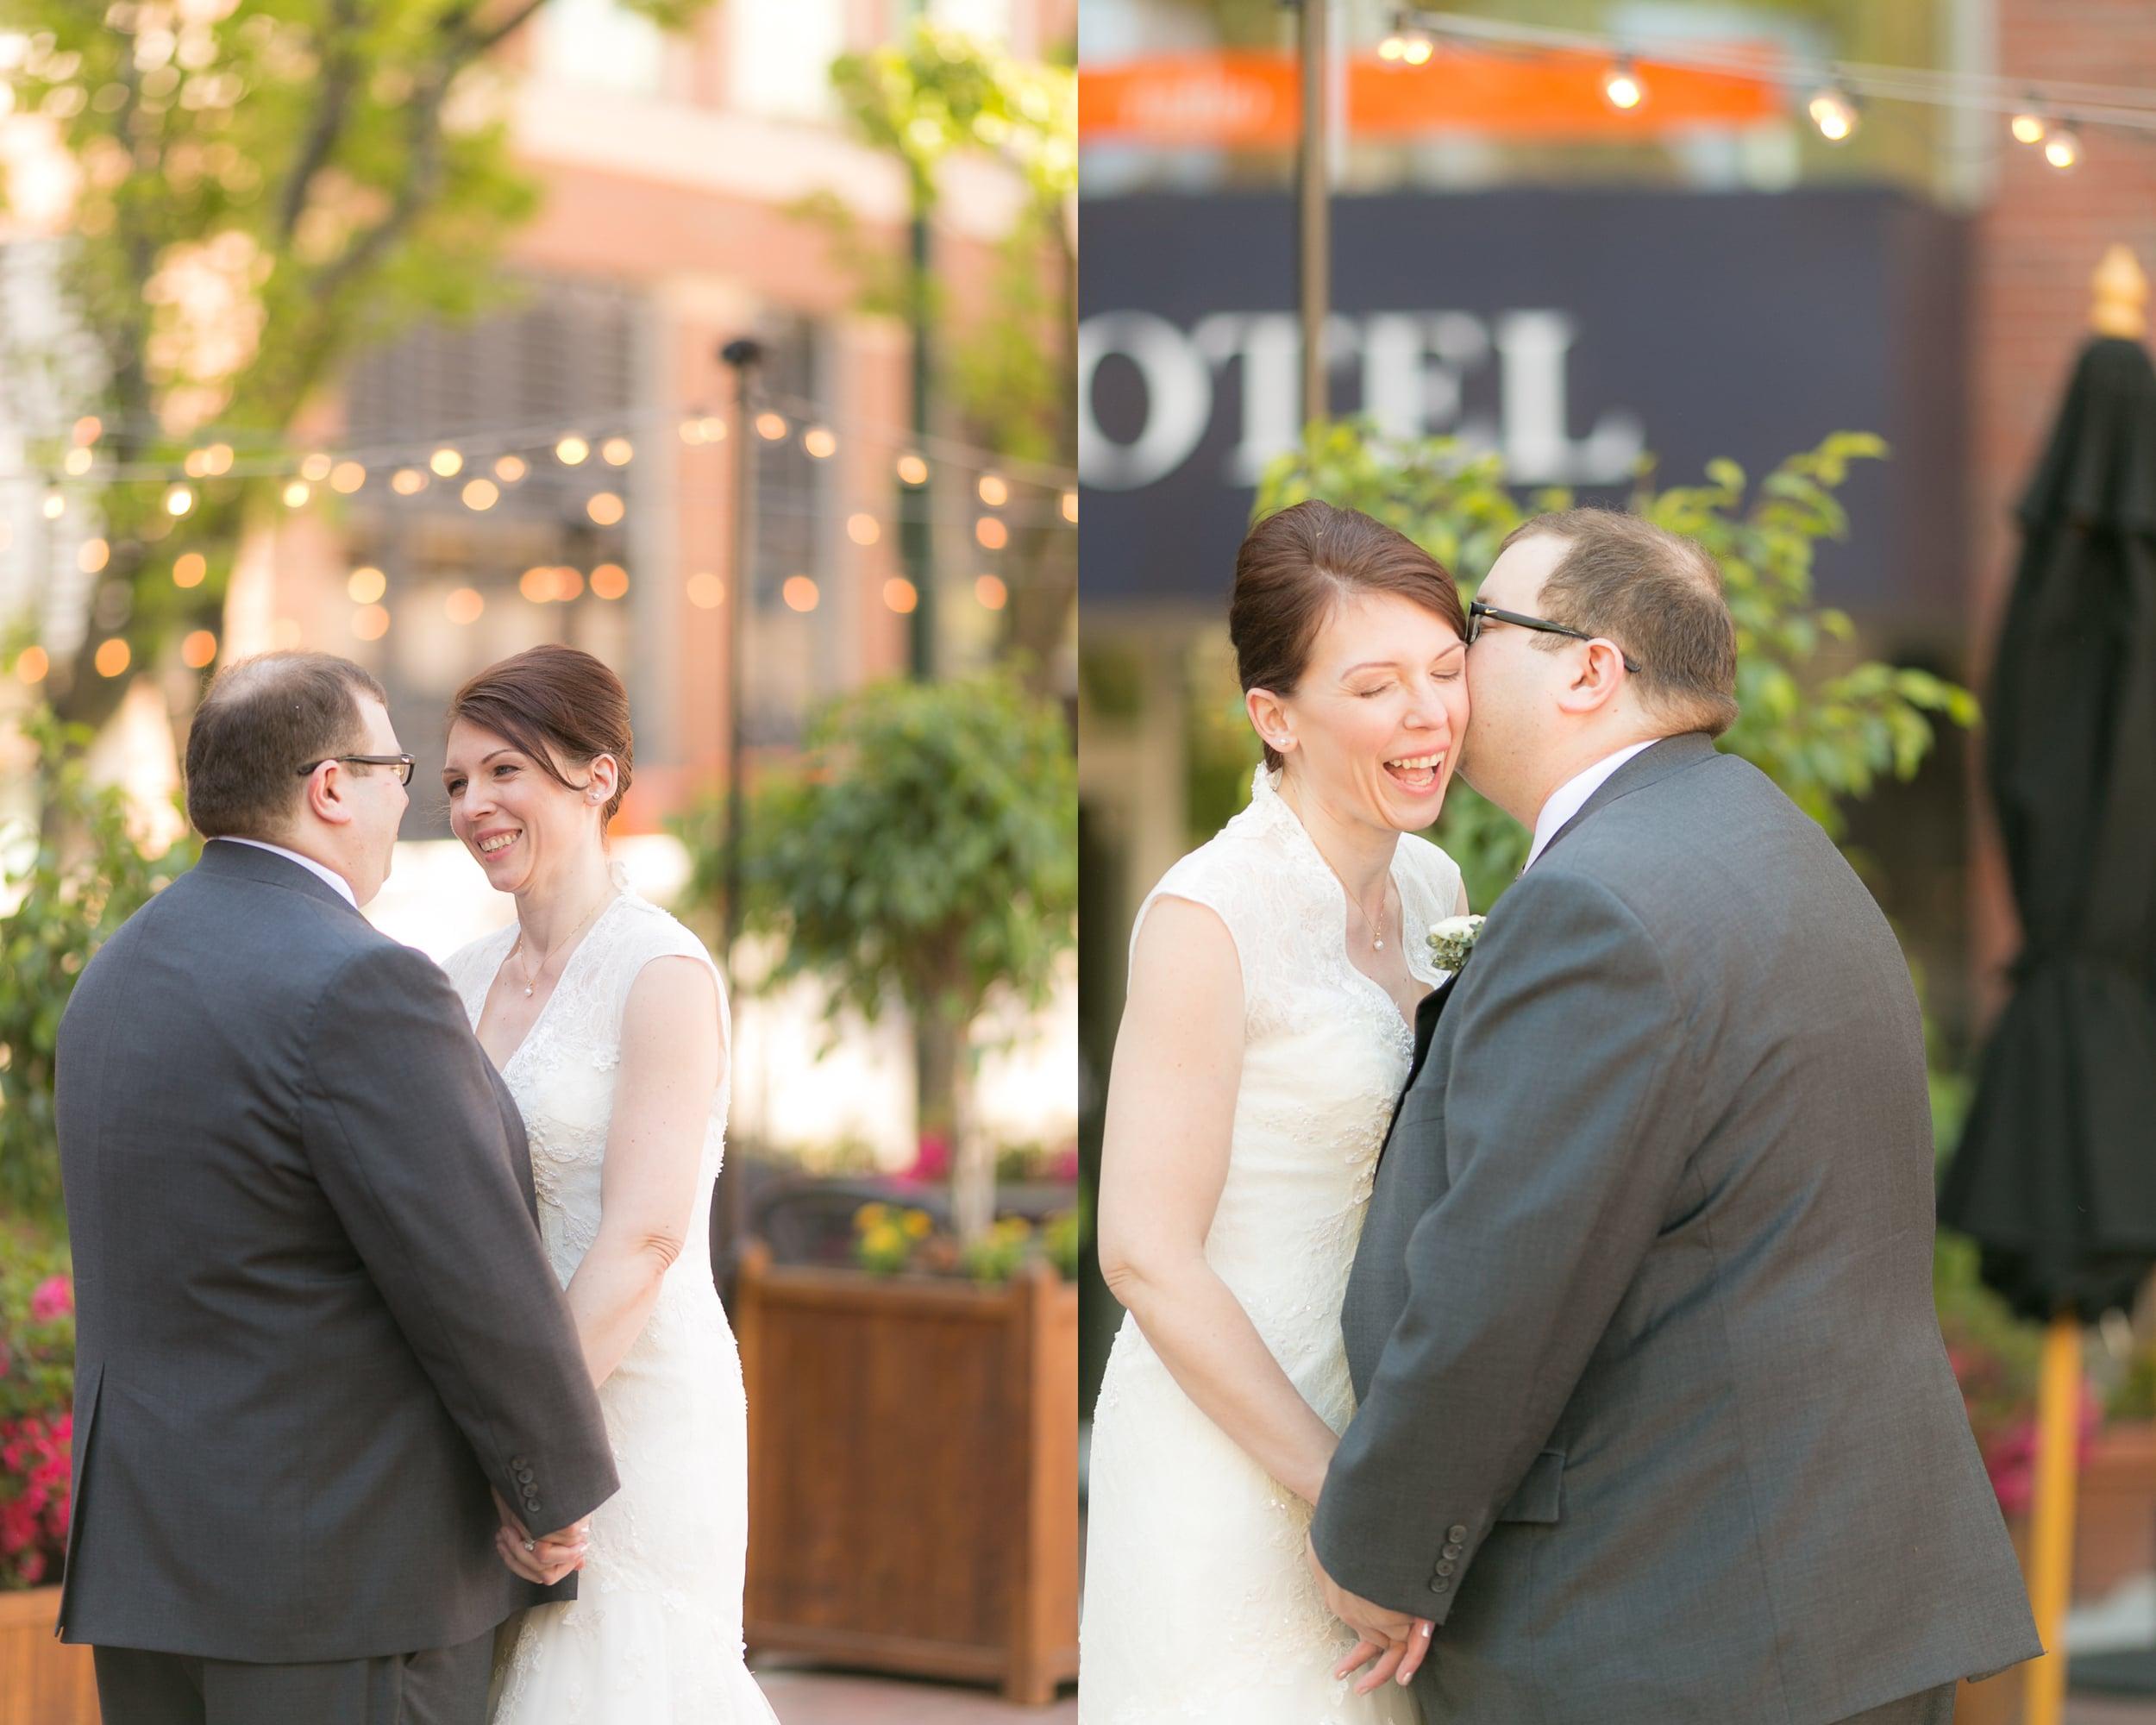 Rachel & Eric's wedding - with Megan Braemore